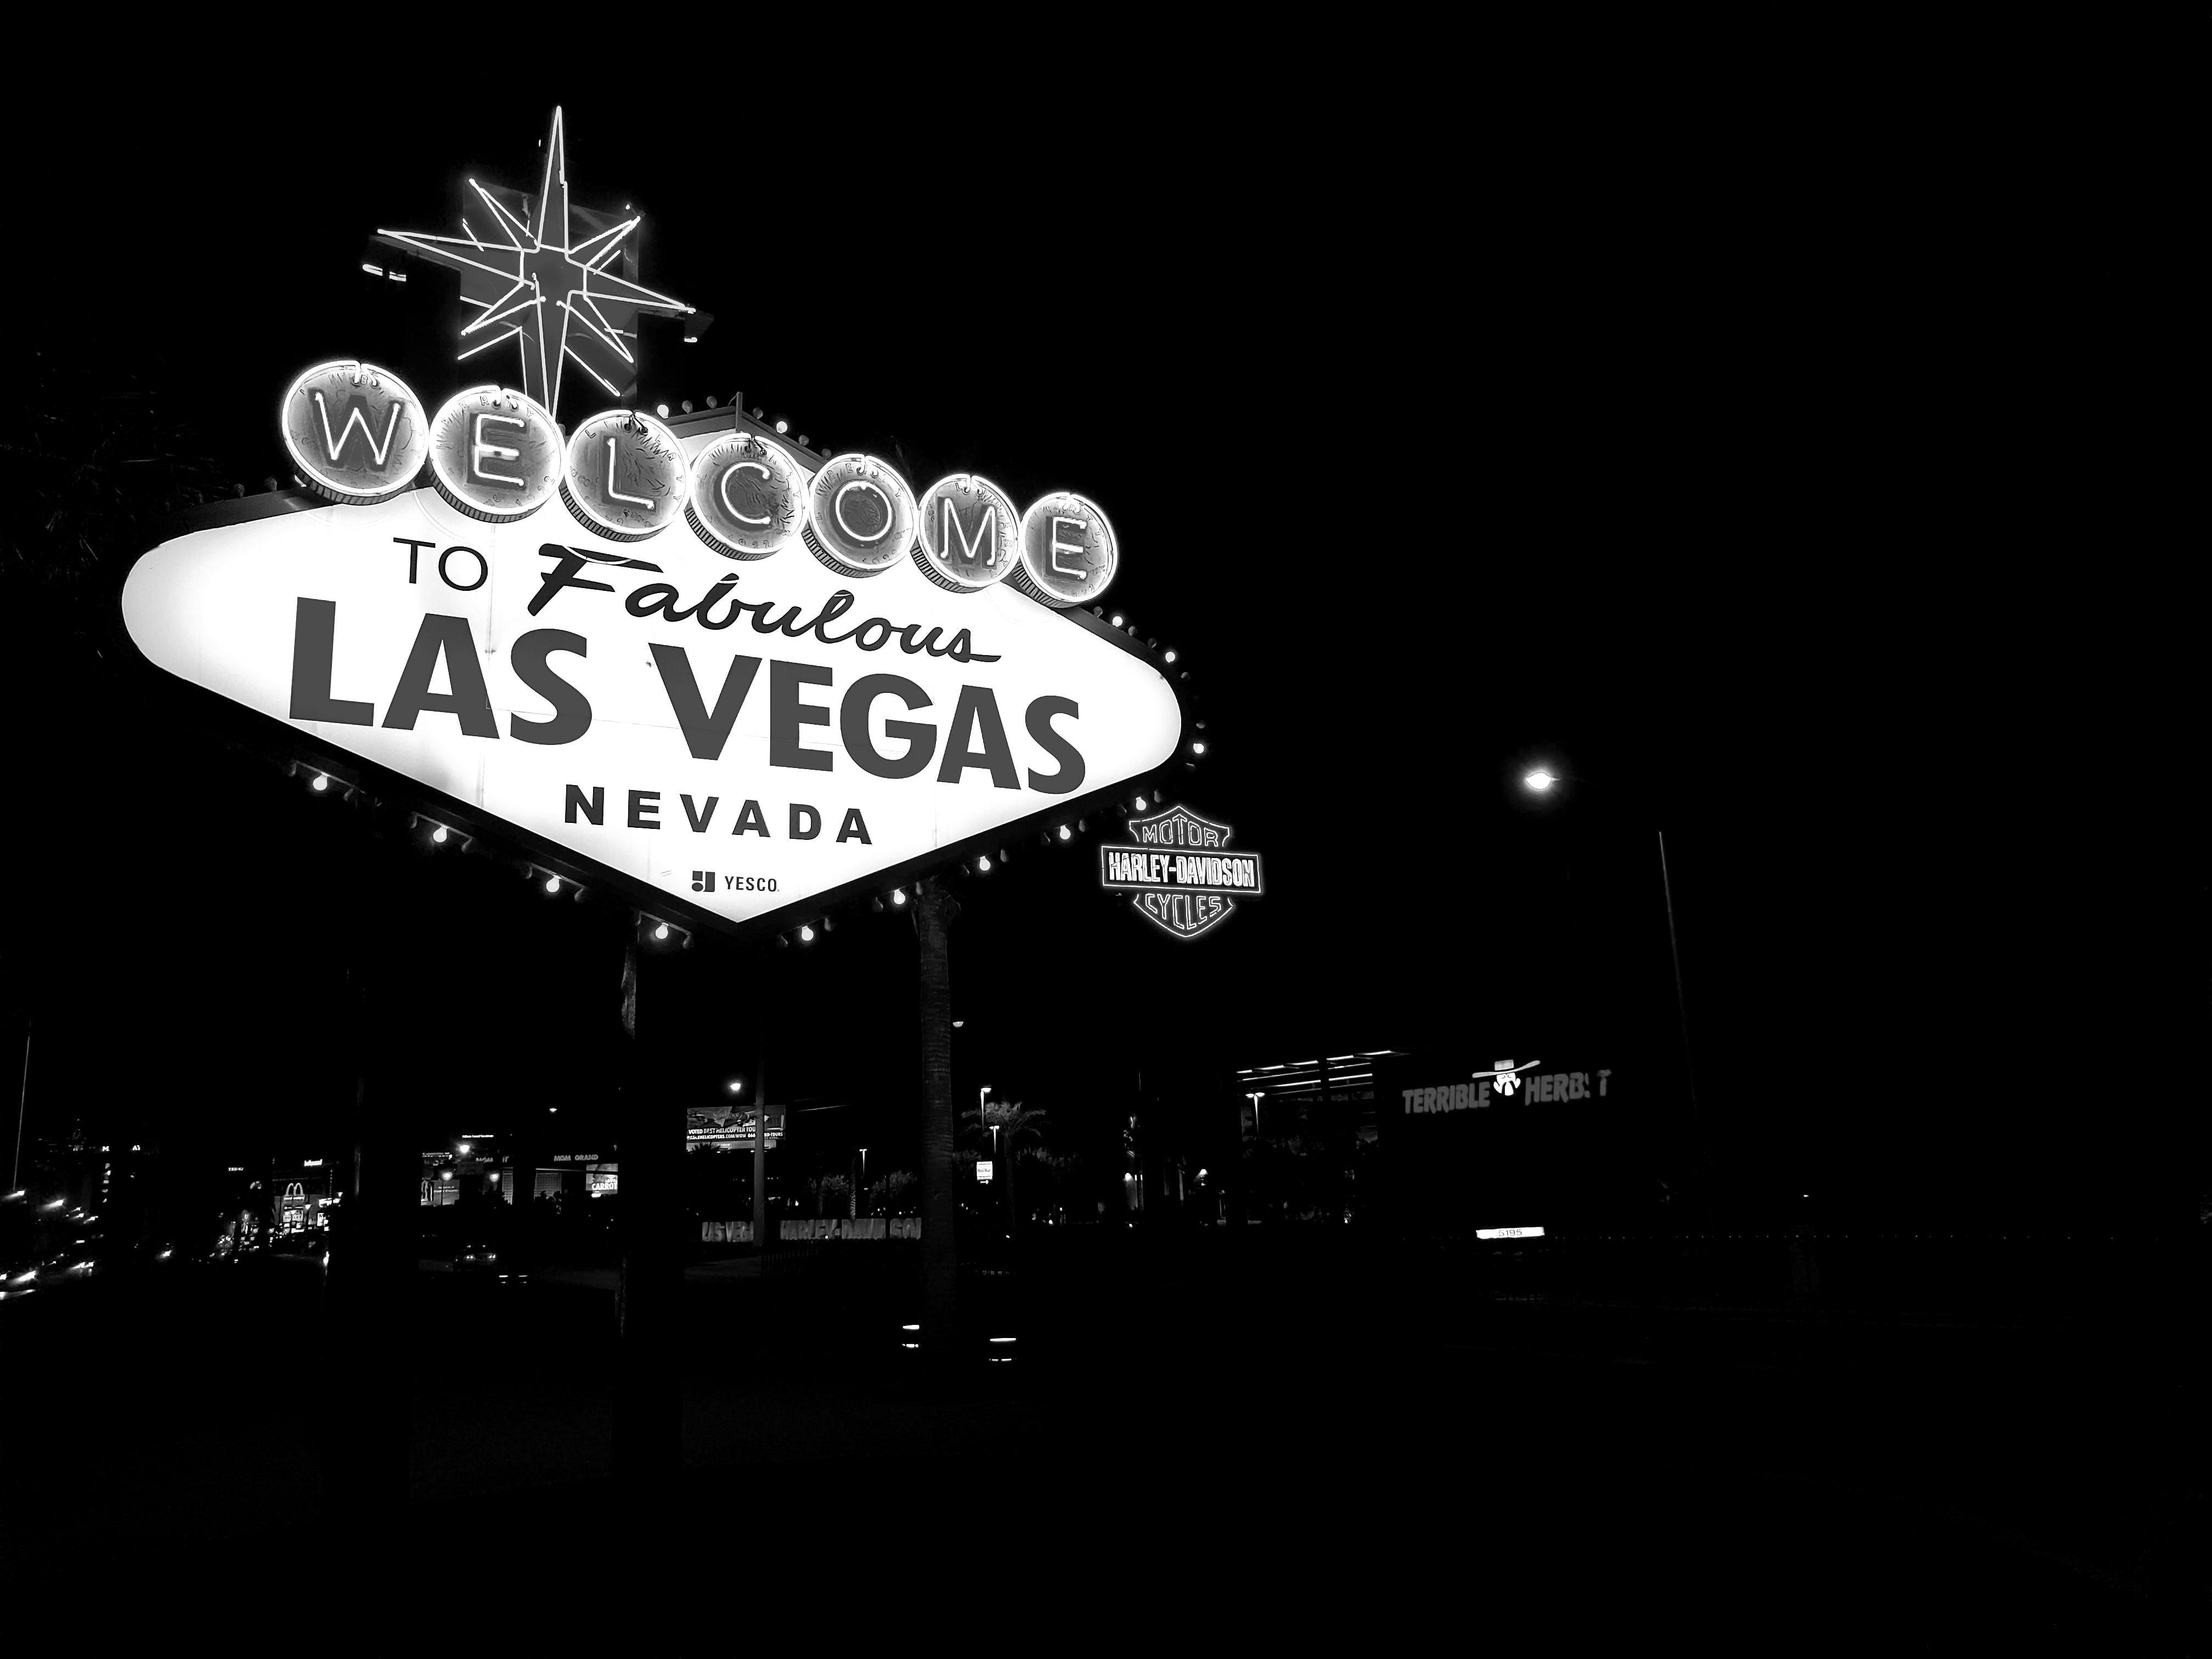 Welcome to Fabulous Las Vegas Nevada Led Signage